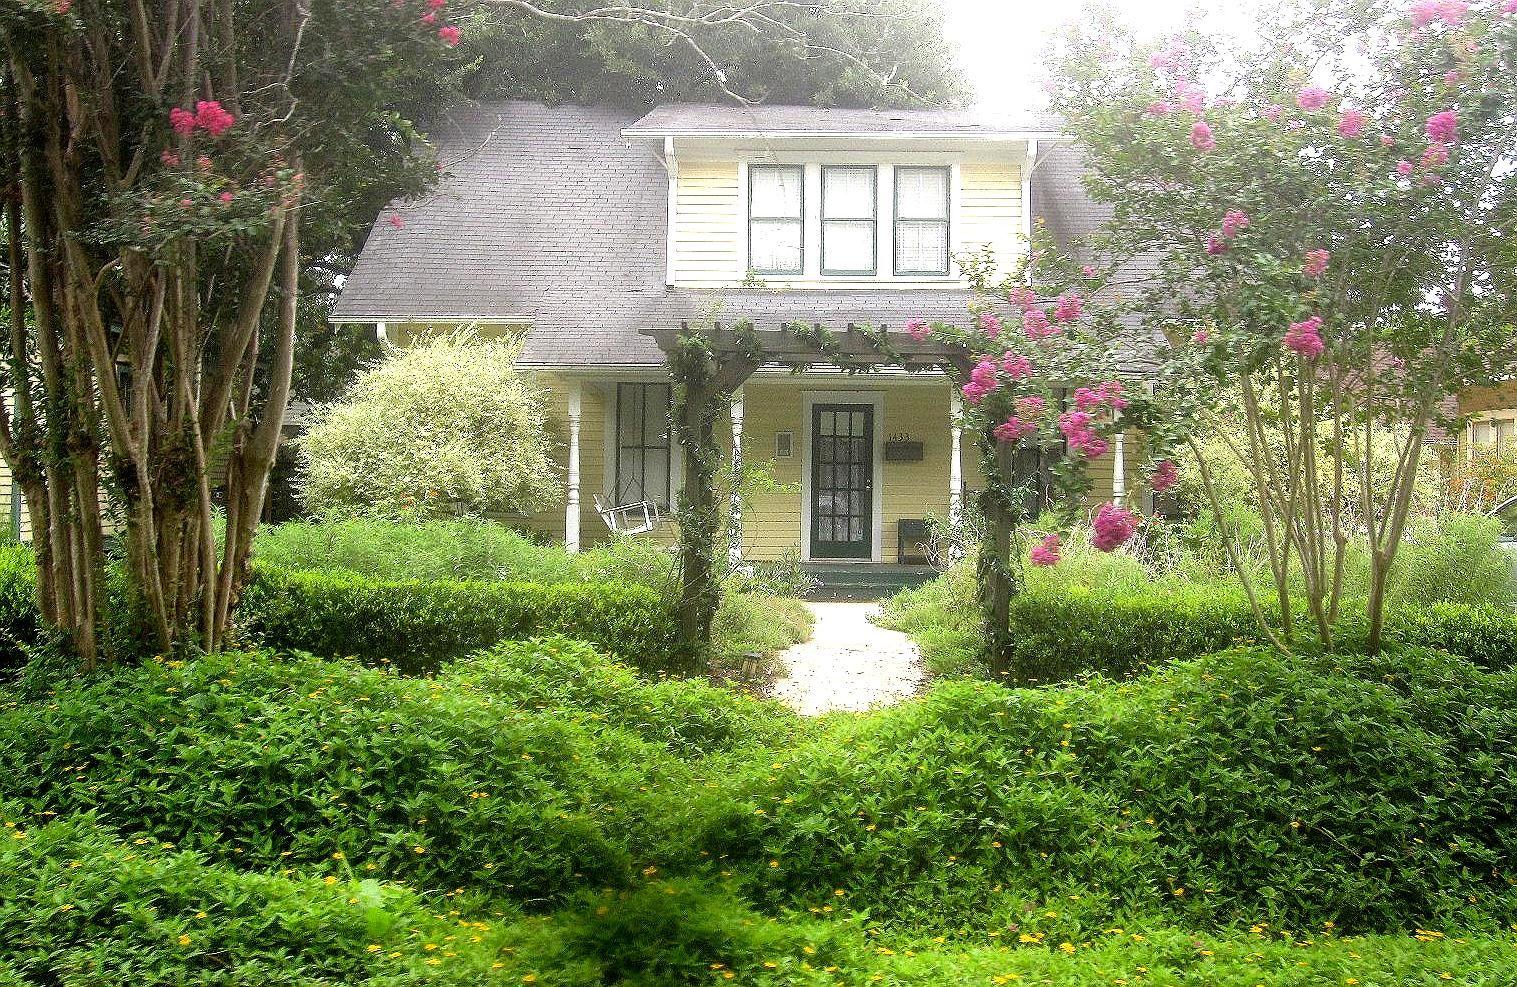 English Cottage Garden Pergola The English Garden Can